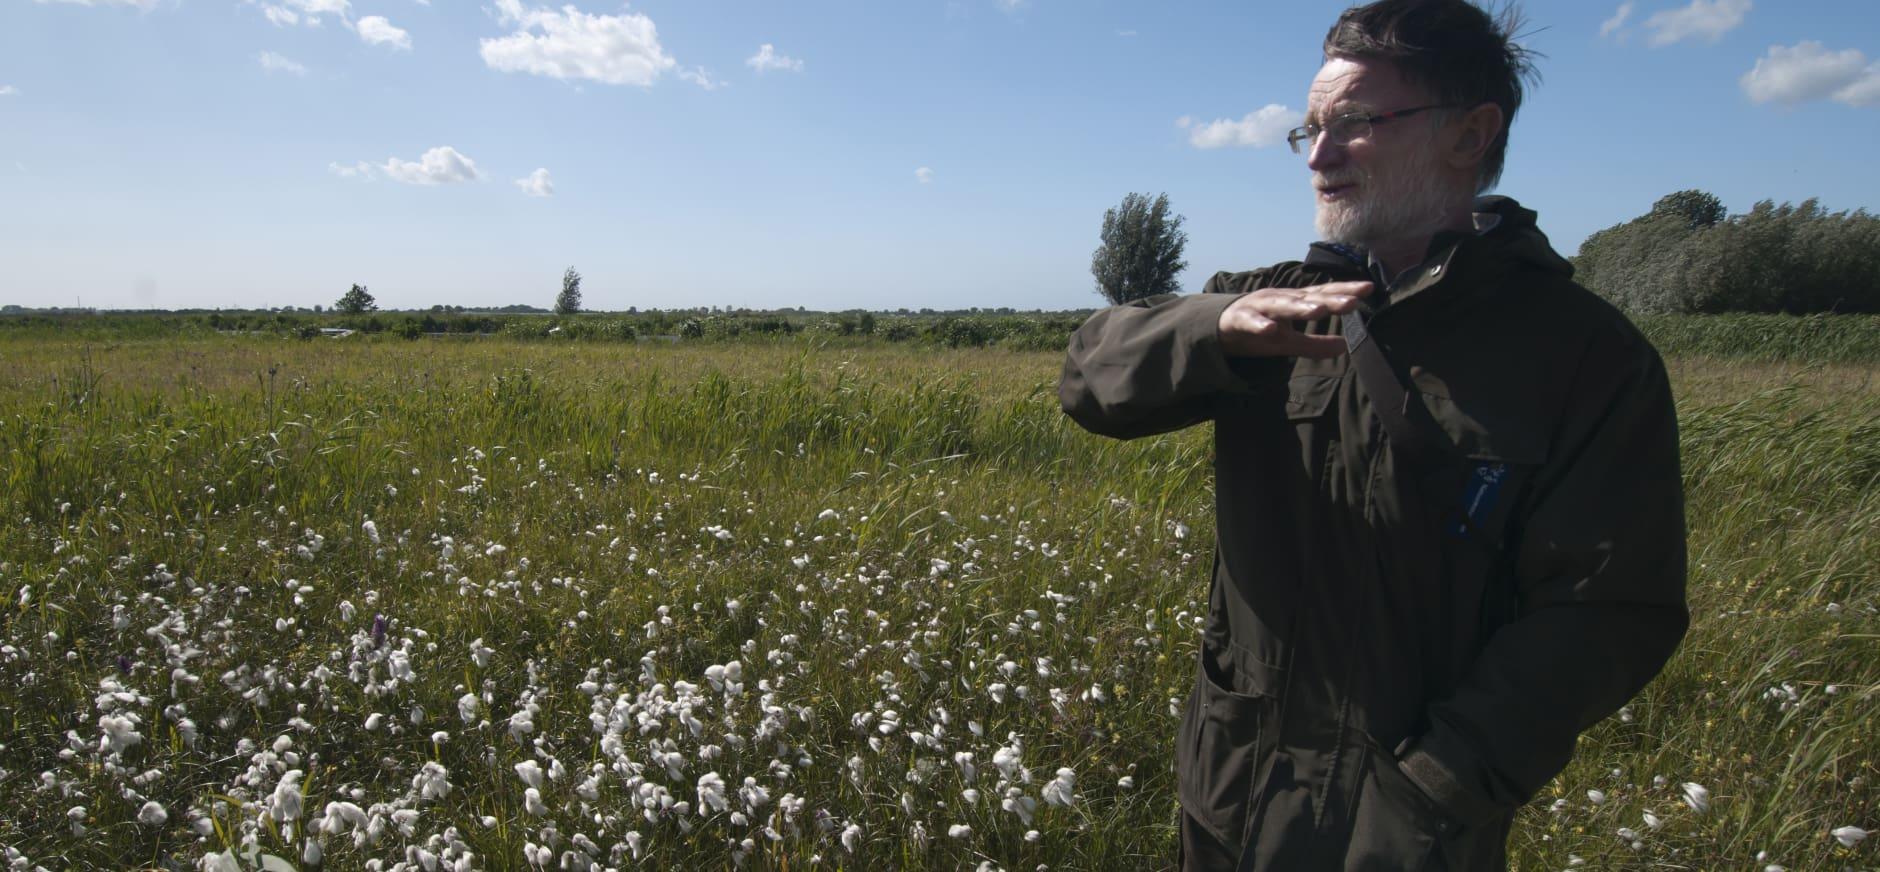 Boswachters horen graag jouw mening over de natuur in Midden-Delfland